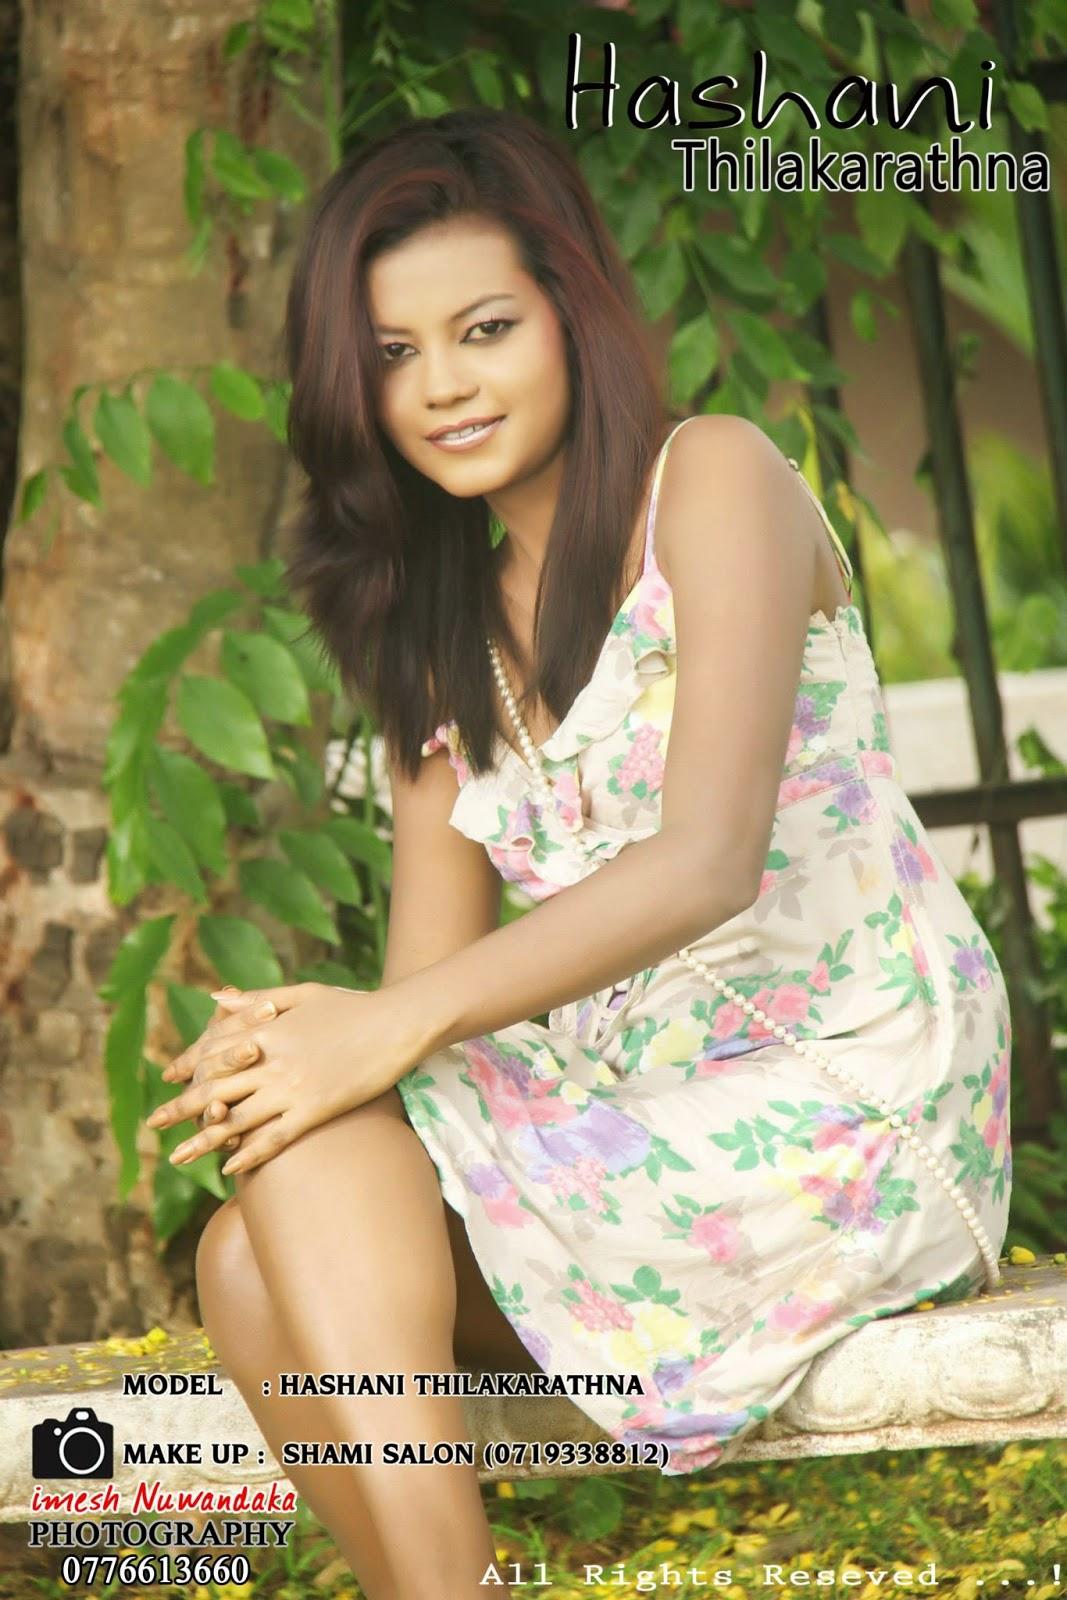 Hashani Thilakarathna legs sexy